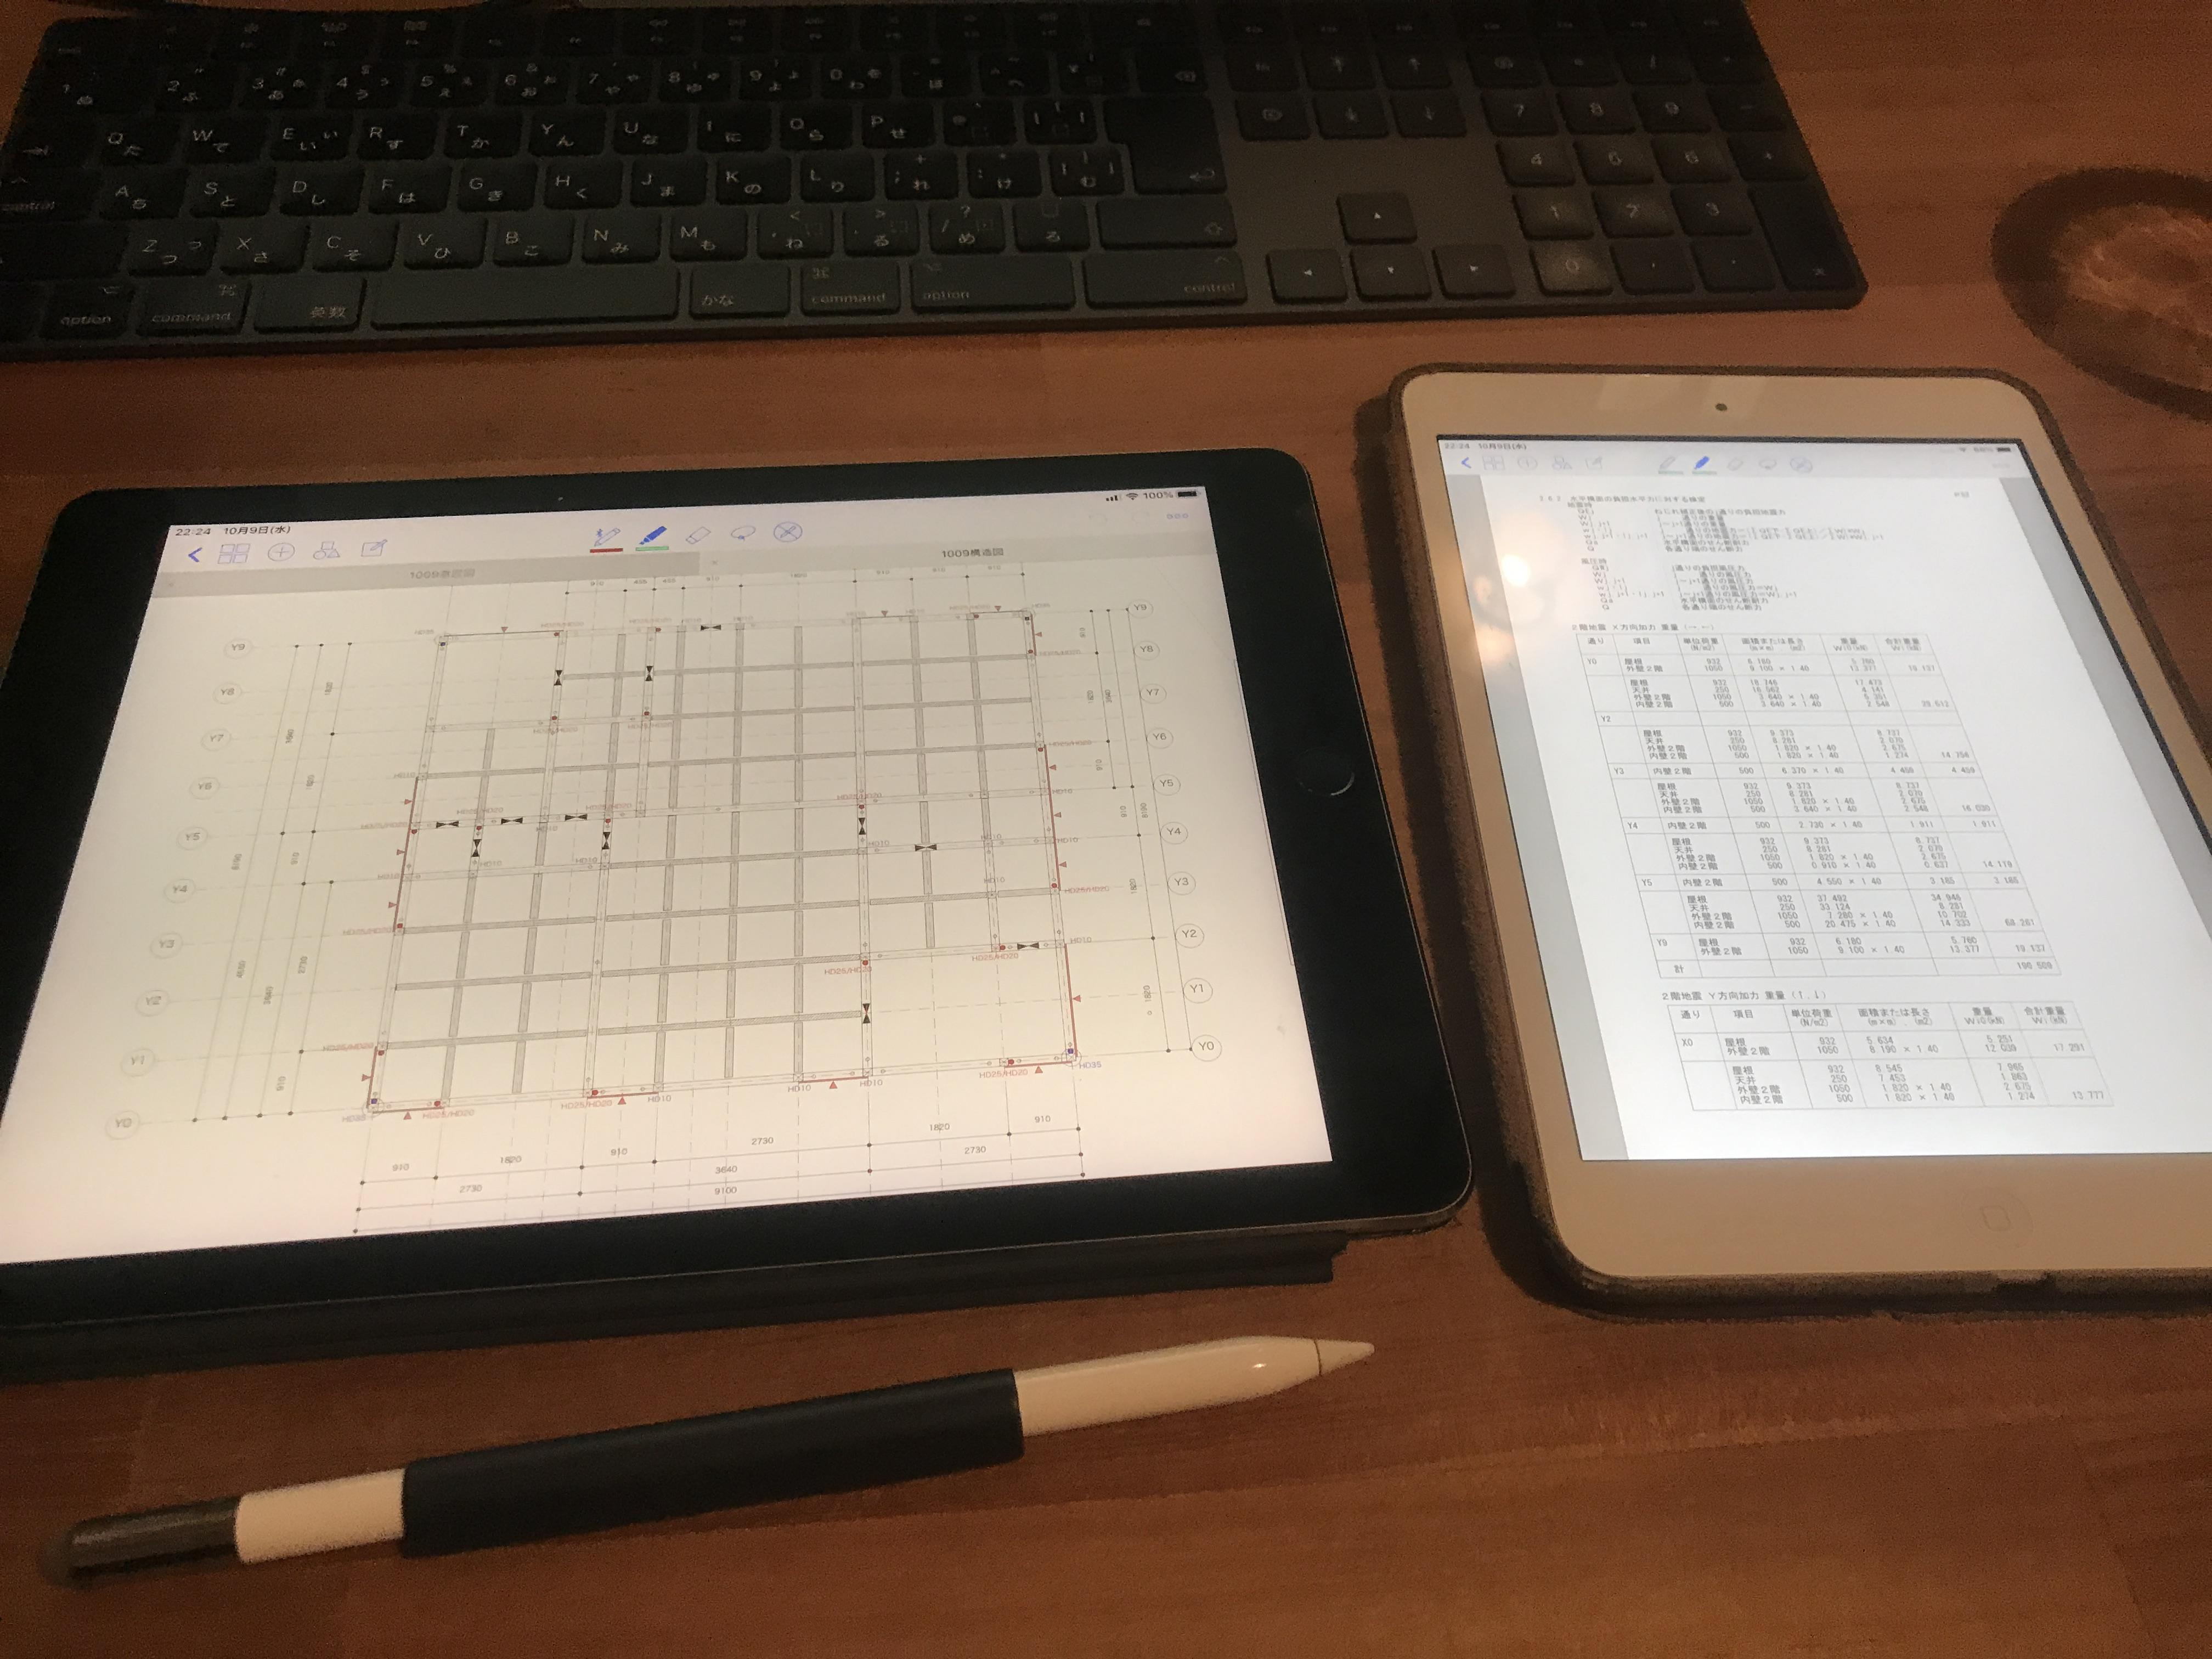 iPadを紙代わりに使ってるとぶち当たる壁